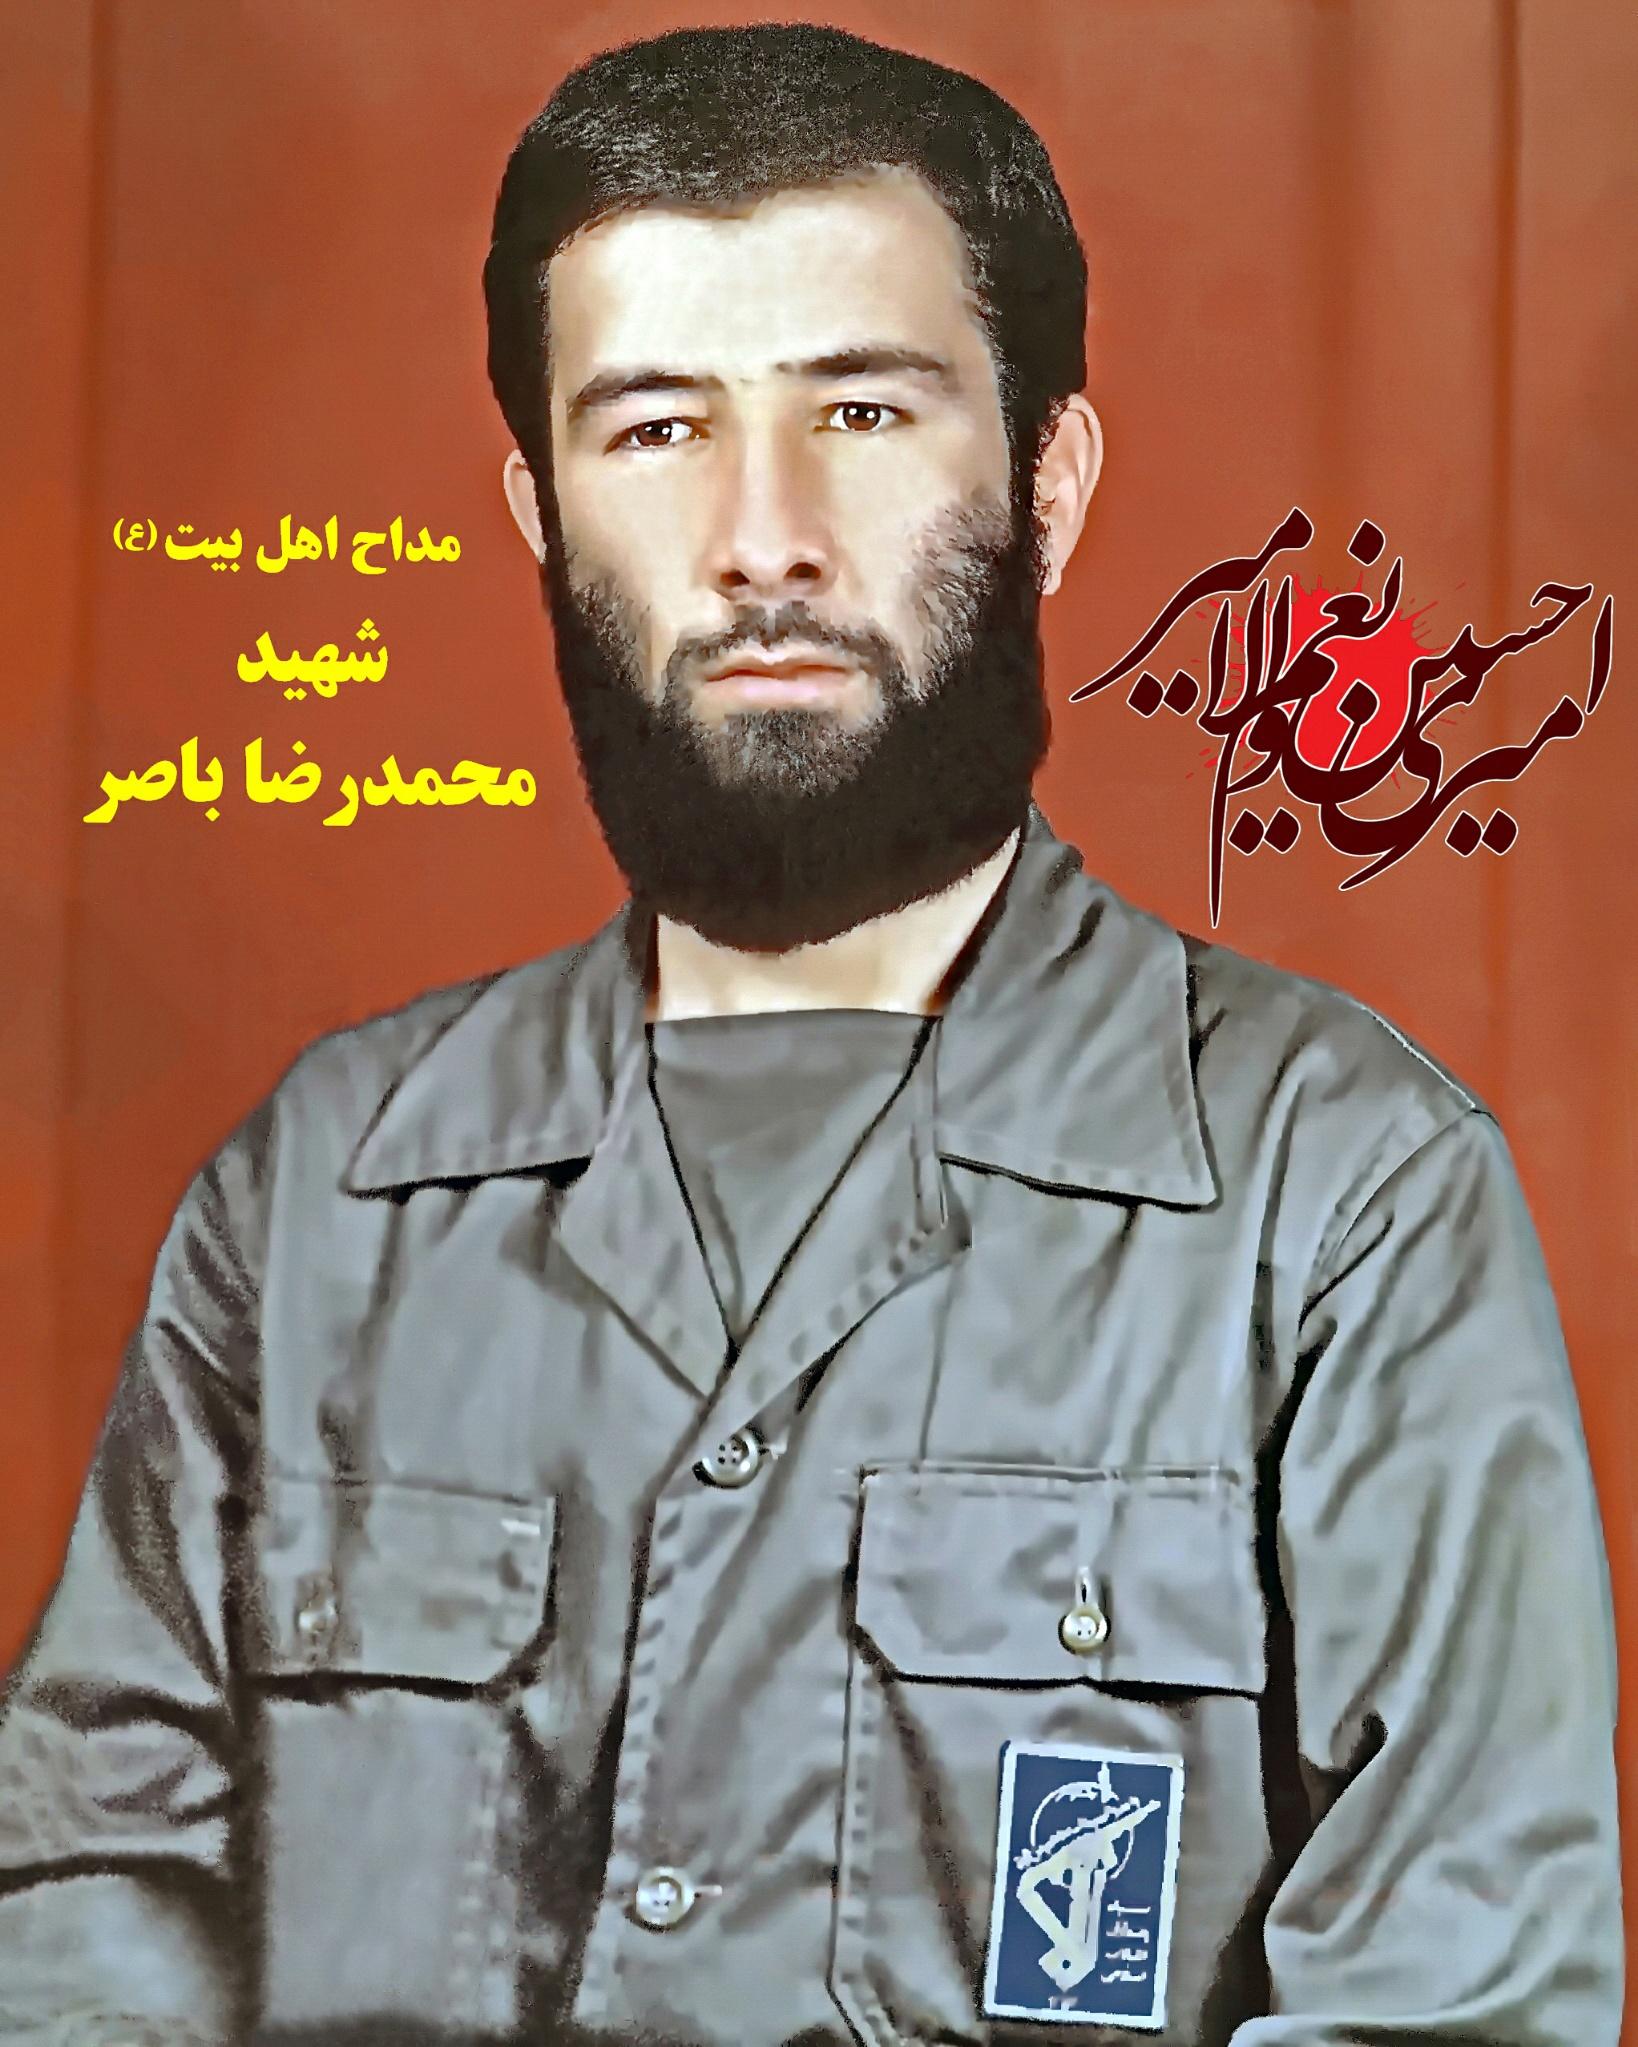 شهید محمد رضا باصر